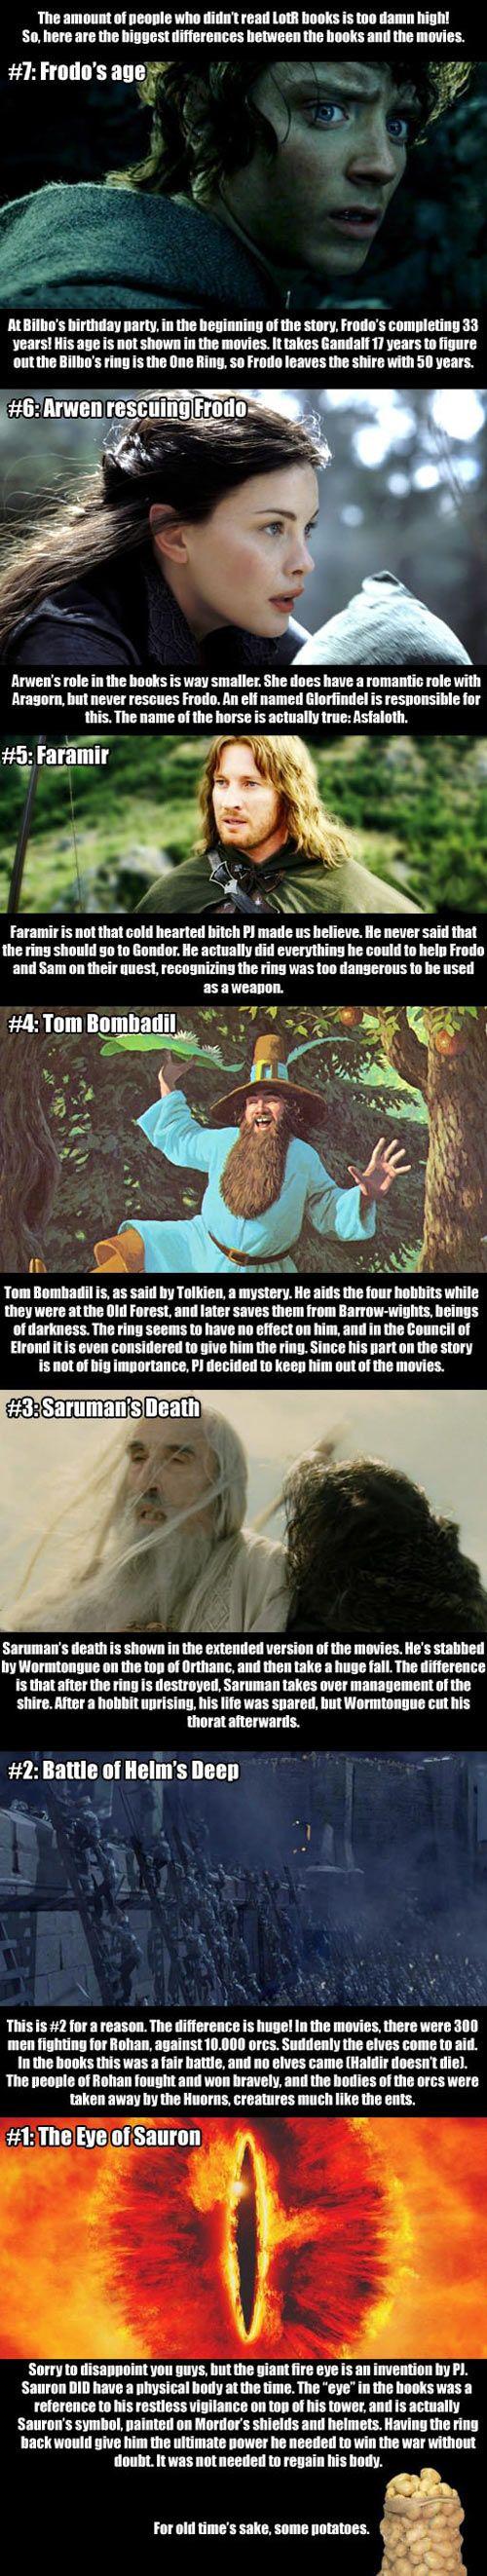 LOTR Book vs Movie facts